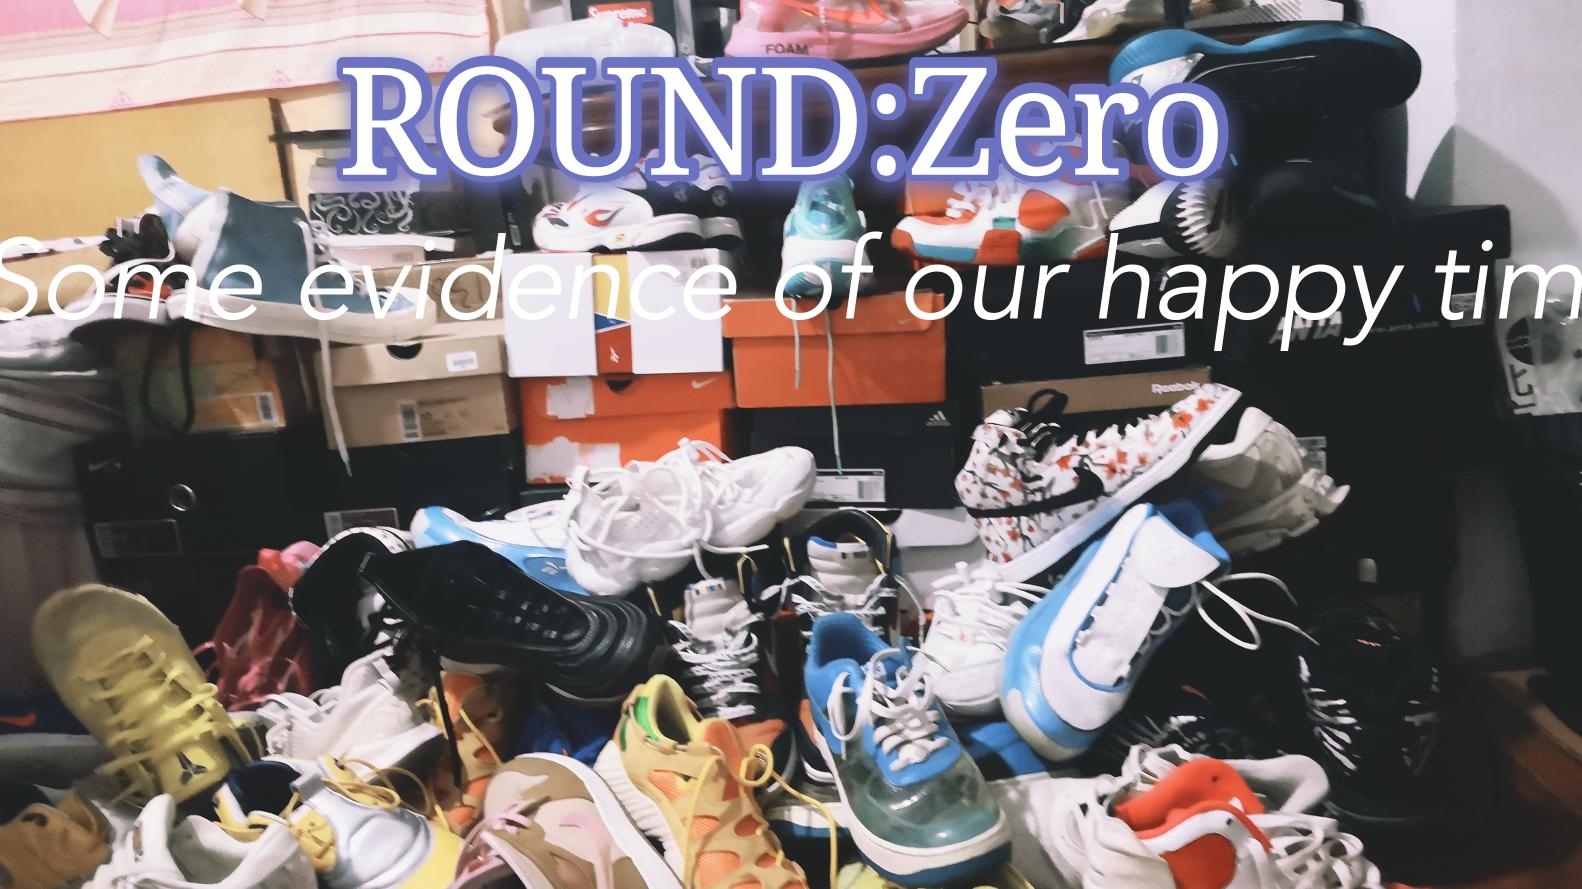 来吧!展示round:zero。亲穿球鞋测评(NIKE,Adidas,Reebok…)会有粉丝小福利